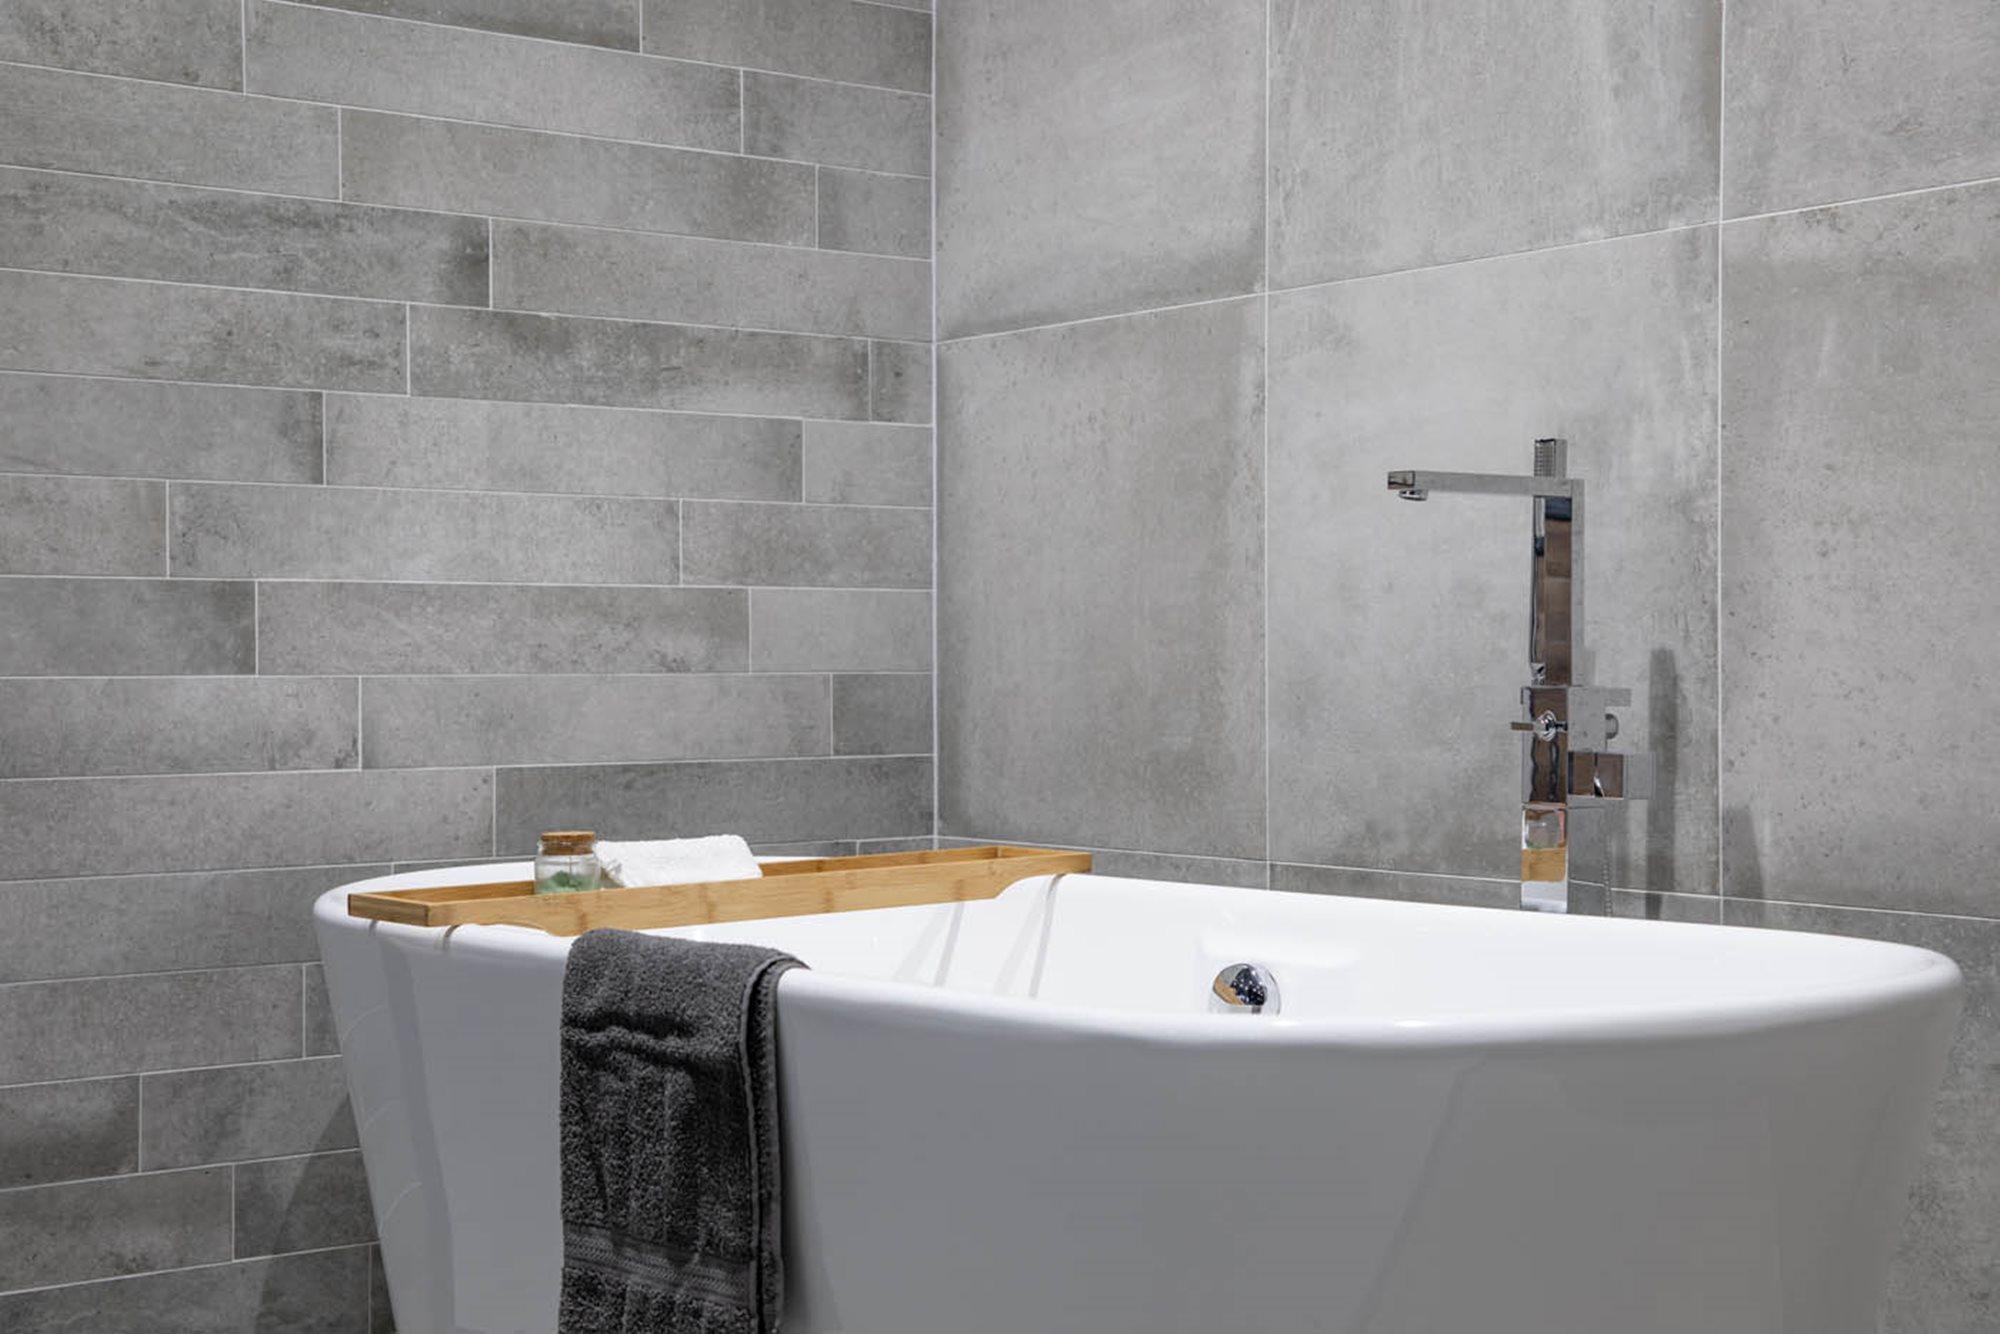 ideale-hoogte-bad-betonlook-tegels-vrijstaand-bad-vrijstaande-badkraan.jpg